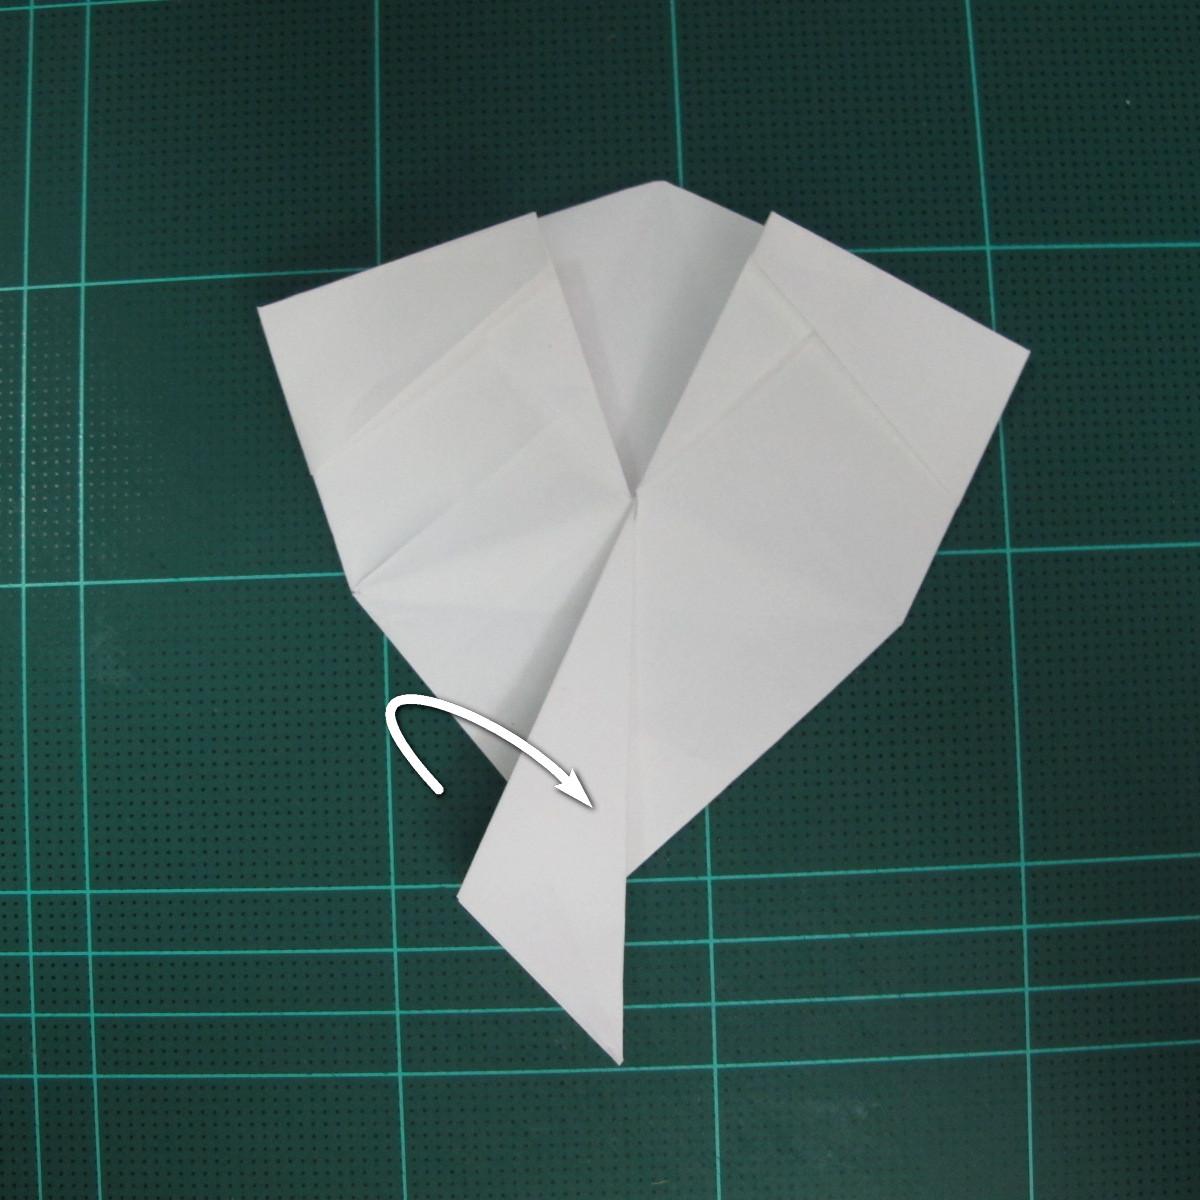 วิธีพับกระดาษเป็นรูปปลาแซลม่อน (Origami Salmon) 030